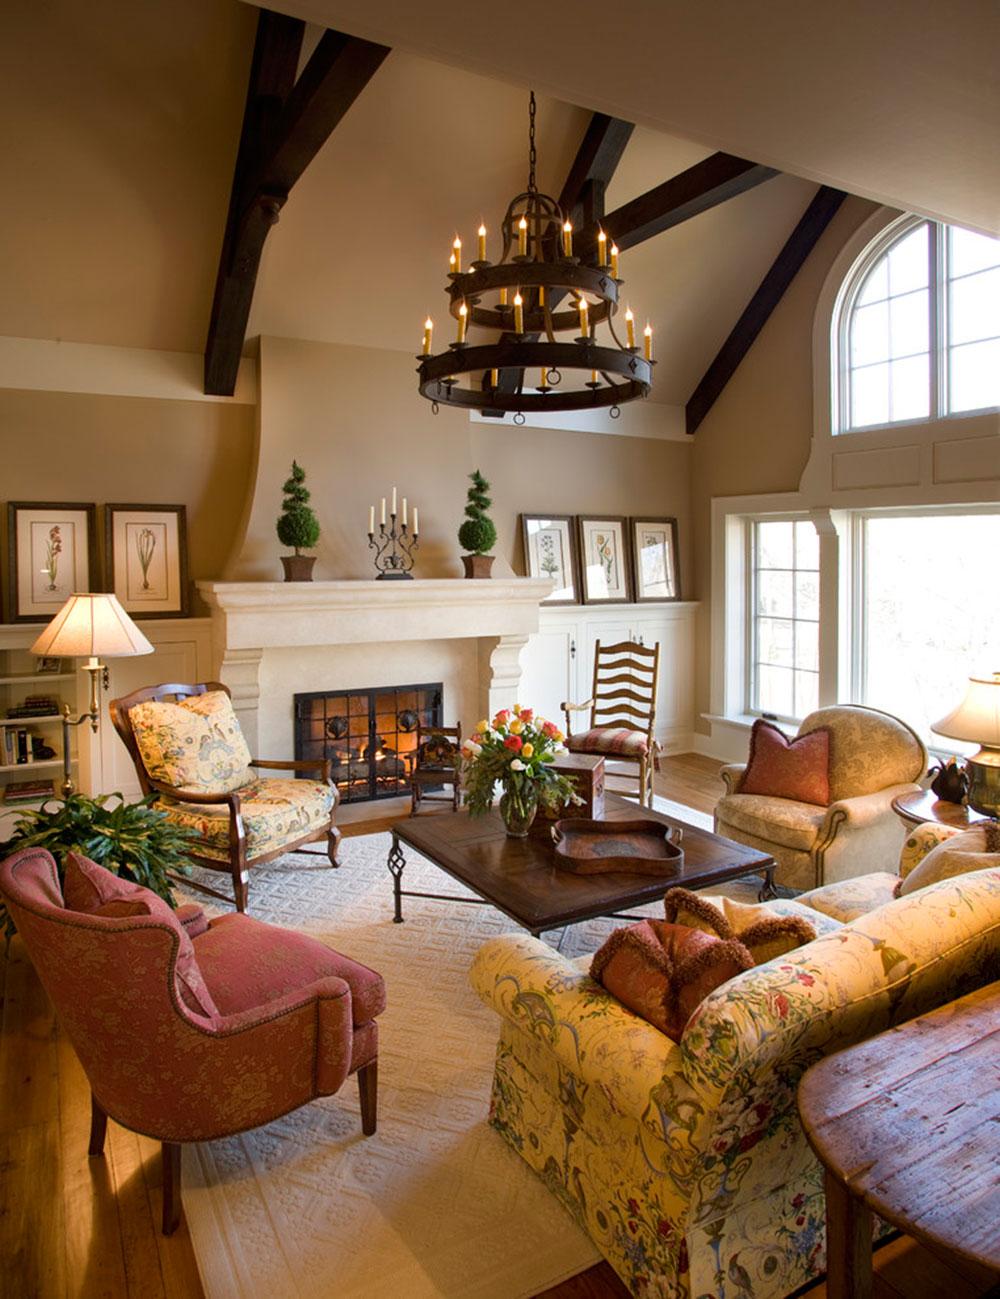 Amaizing-Living-Room-Paint-Colors3 Amazing Living Room Paint Colors